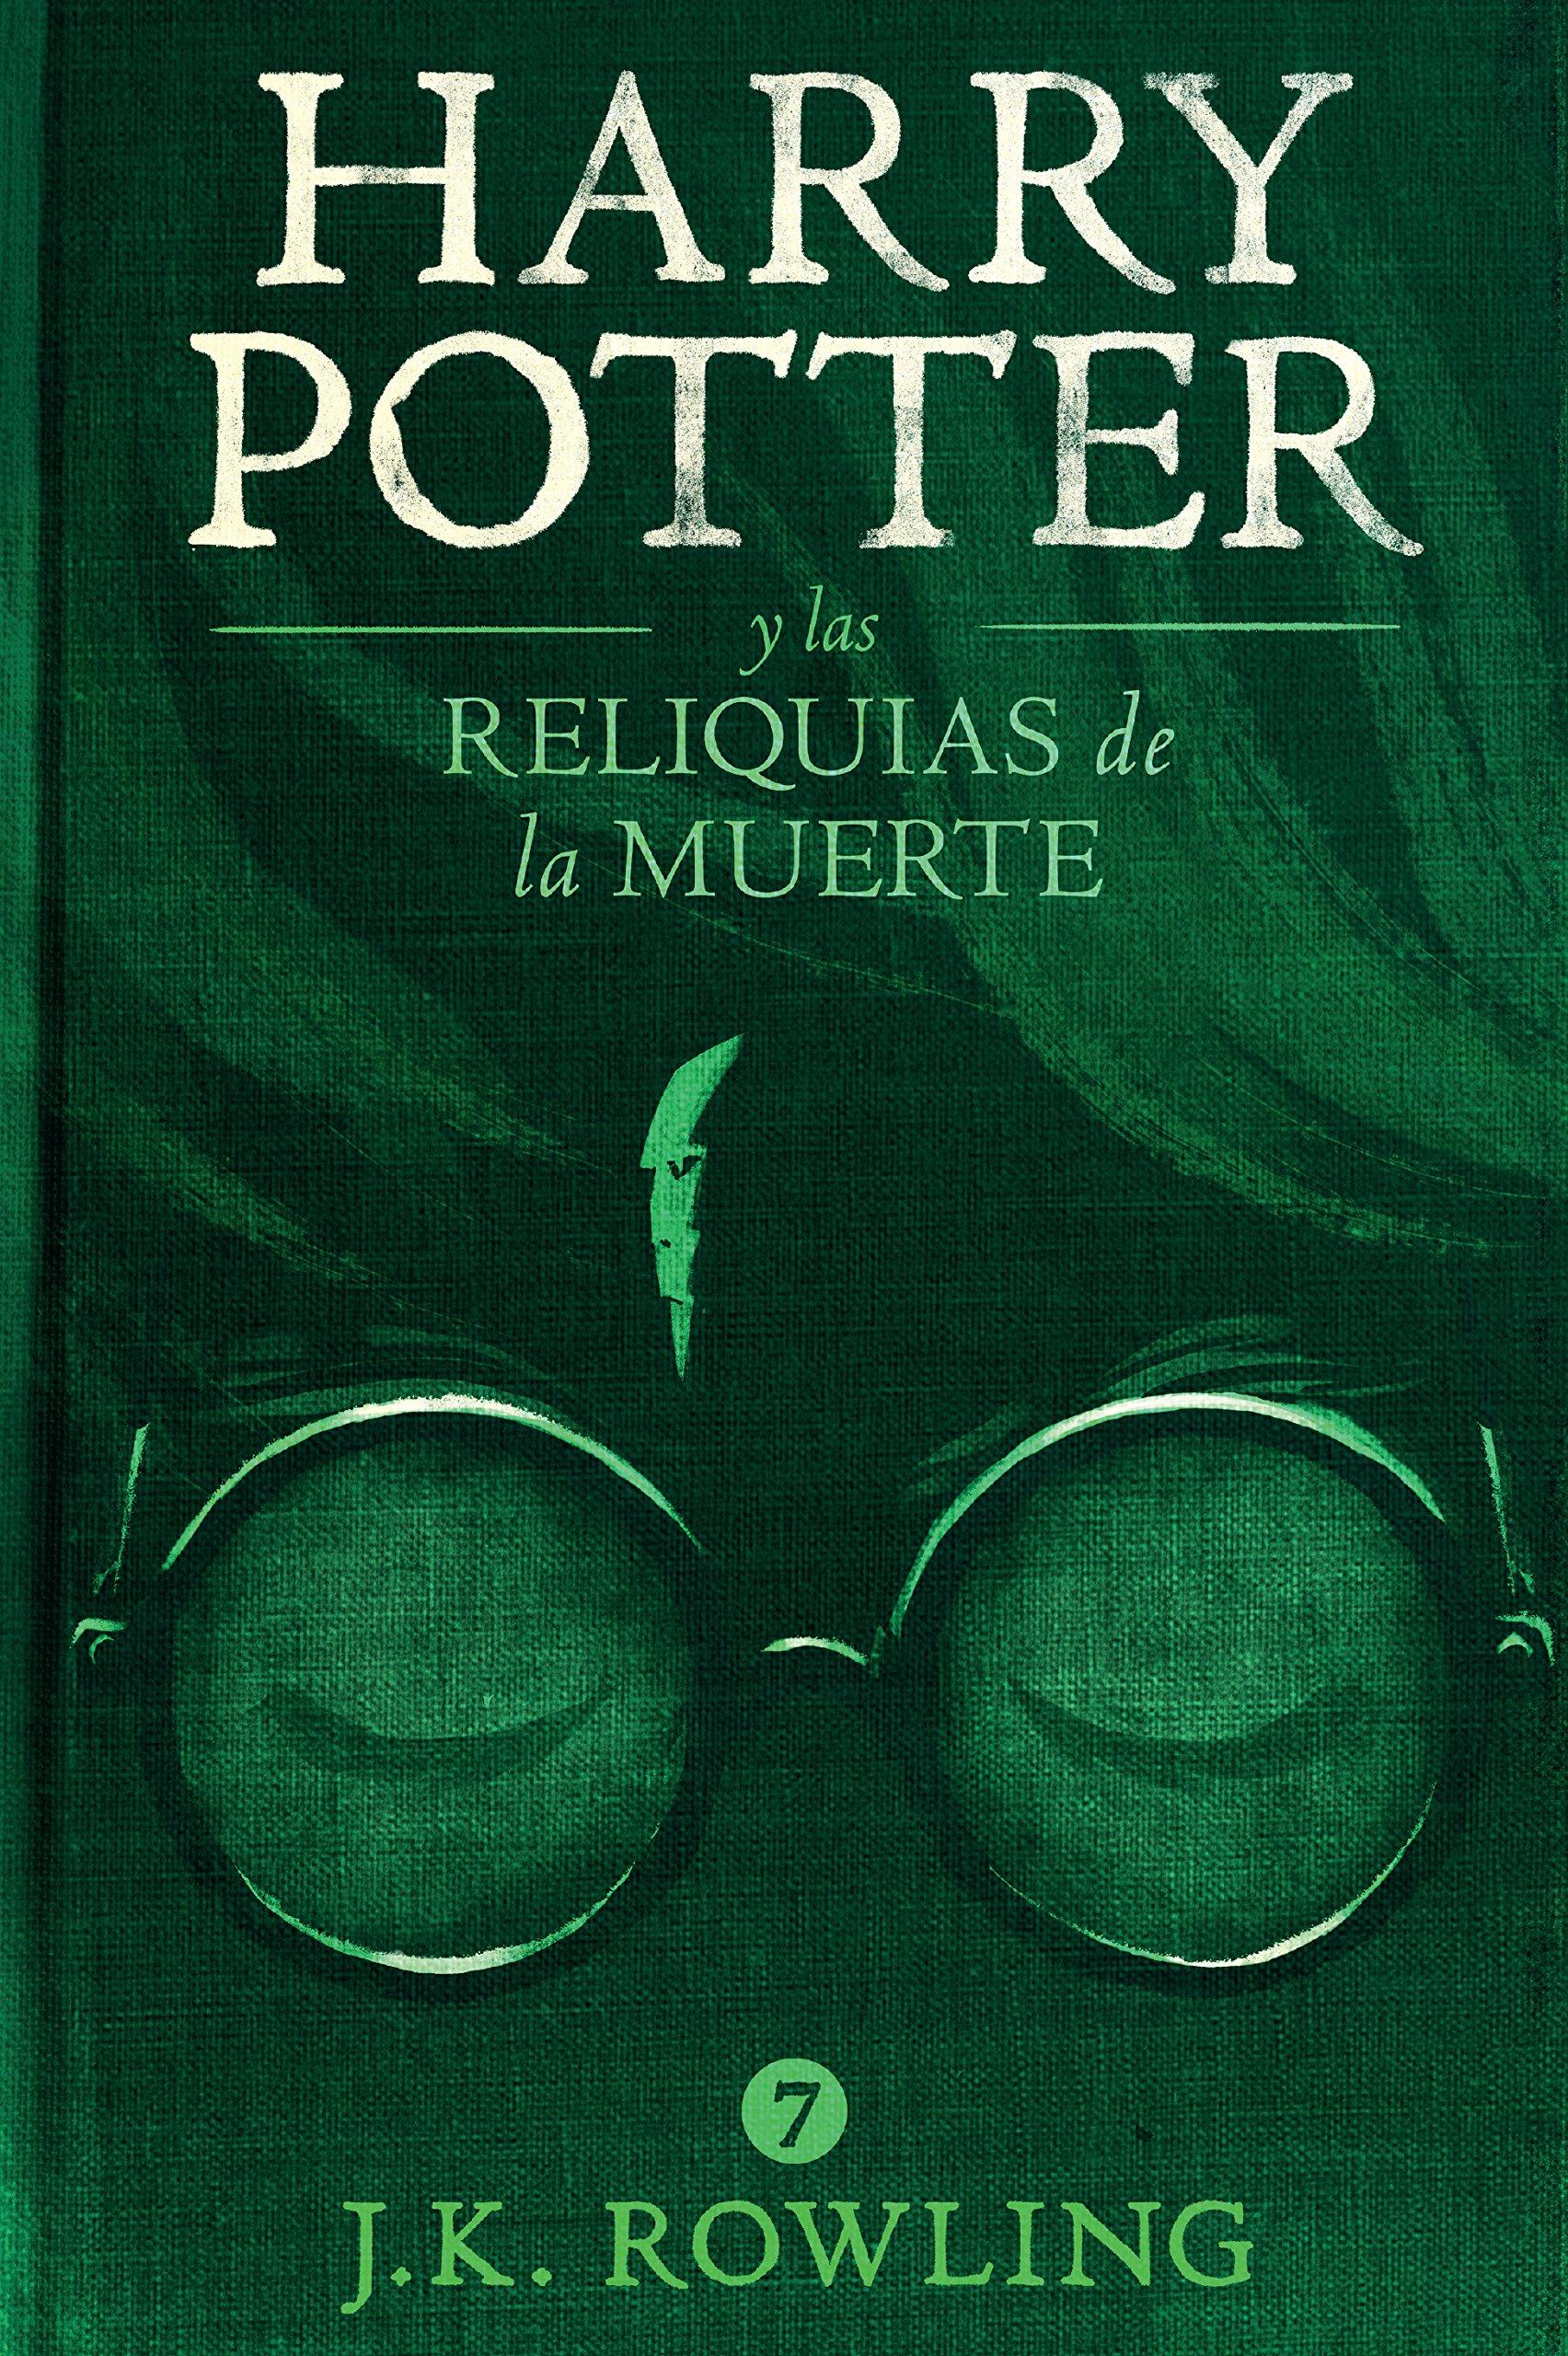 Harry Potter y Las Reliquias de la Muerte (La colección de Harry Potter nº 7)